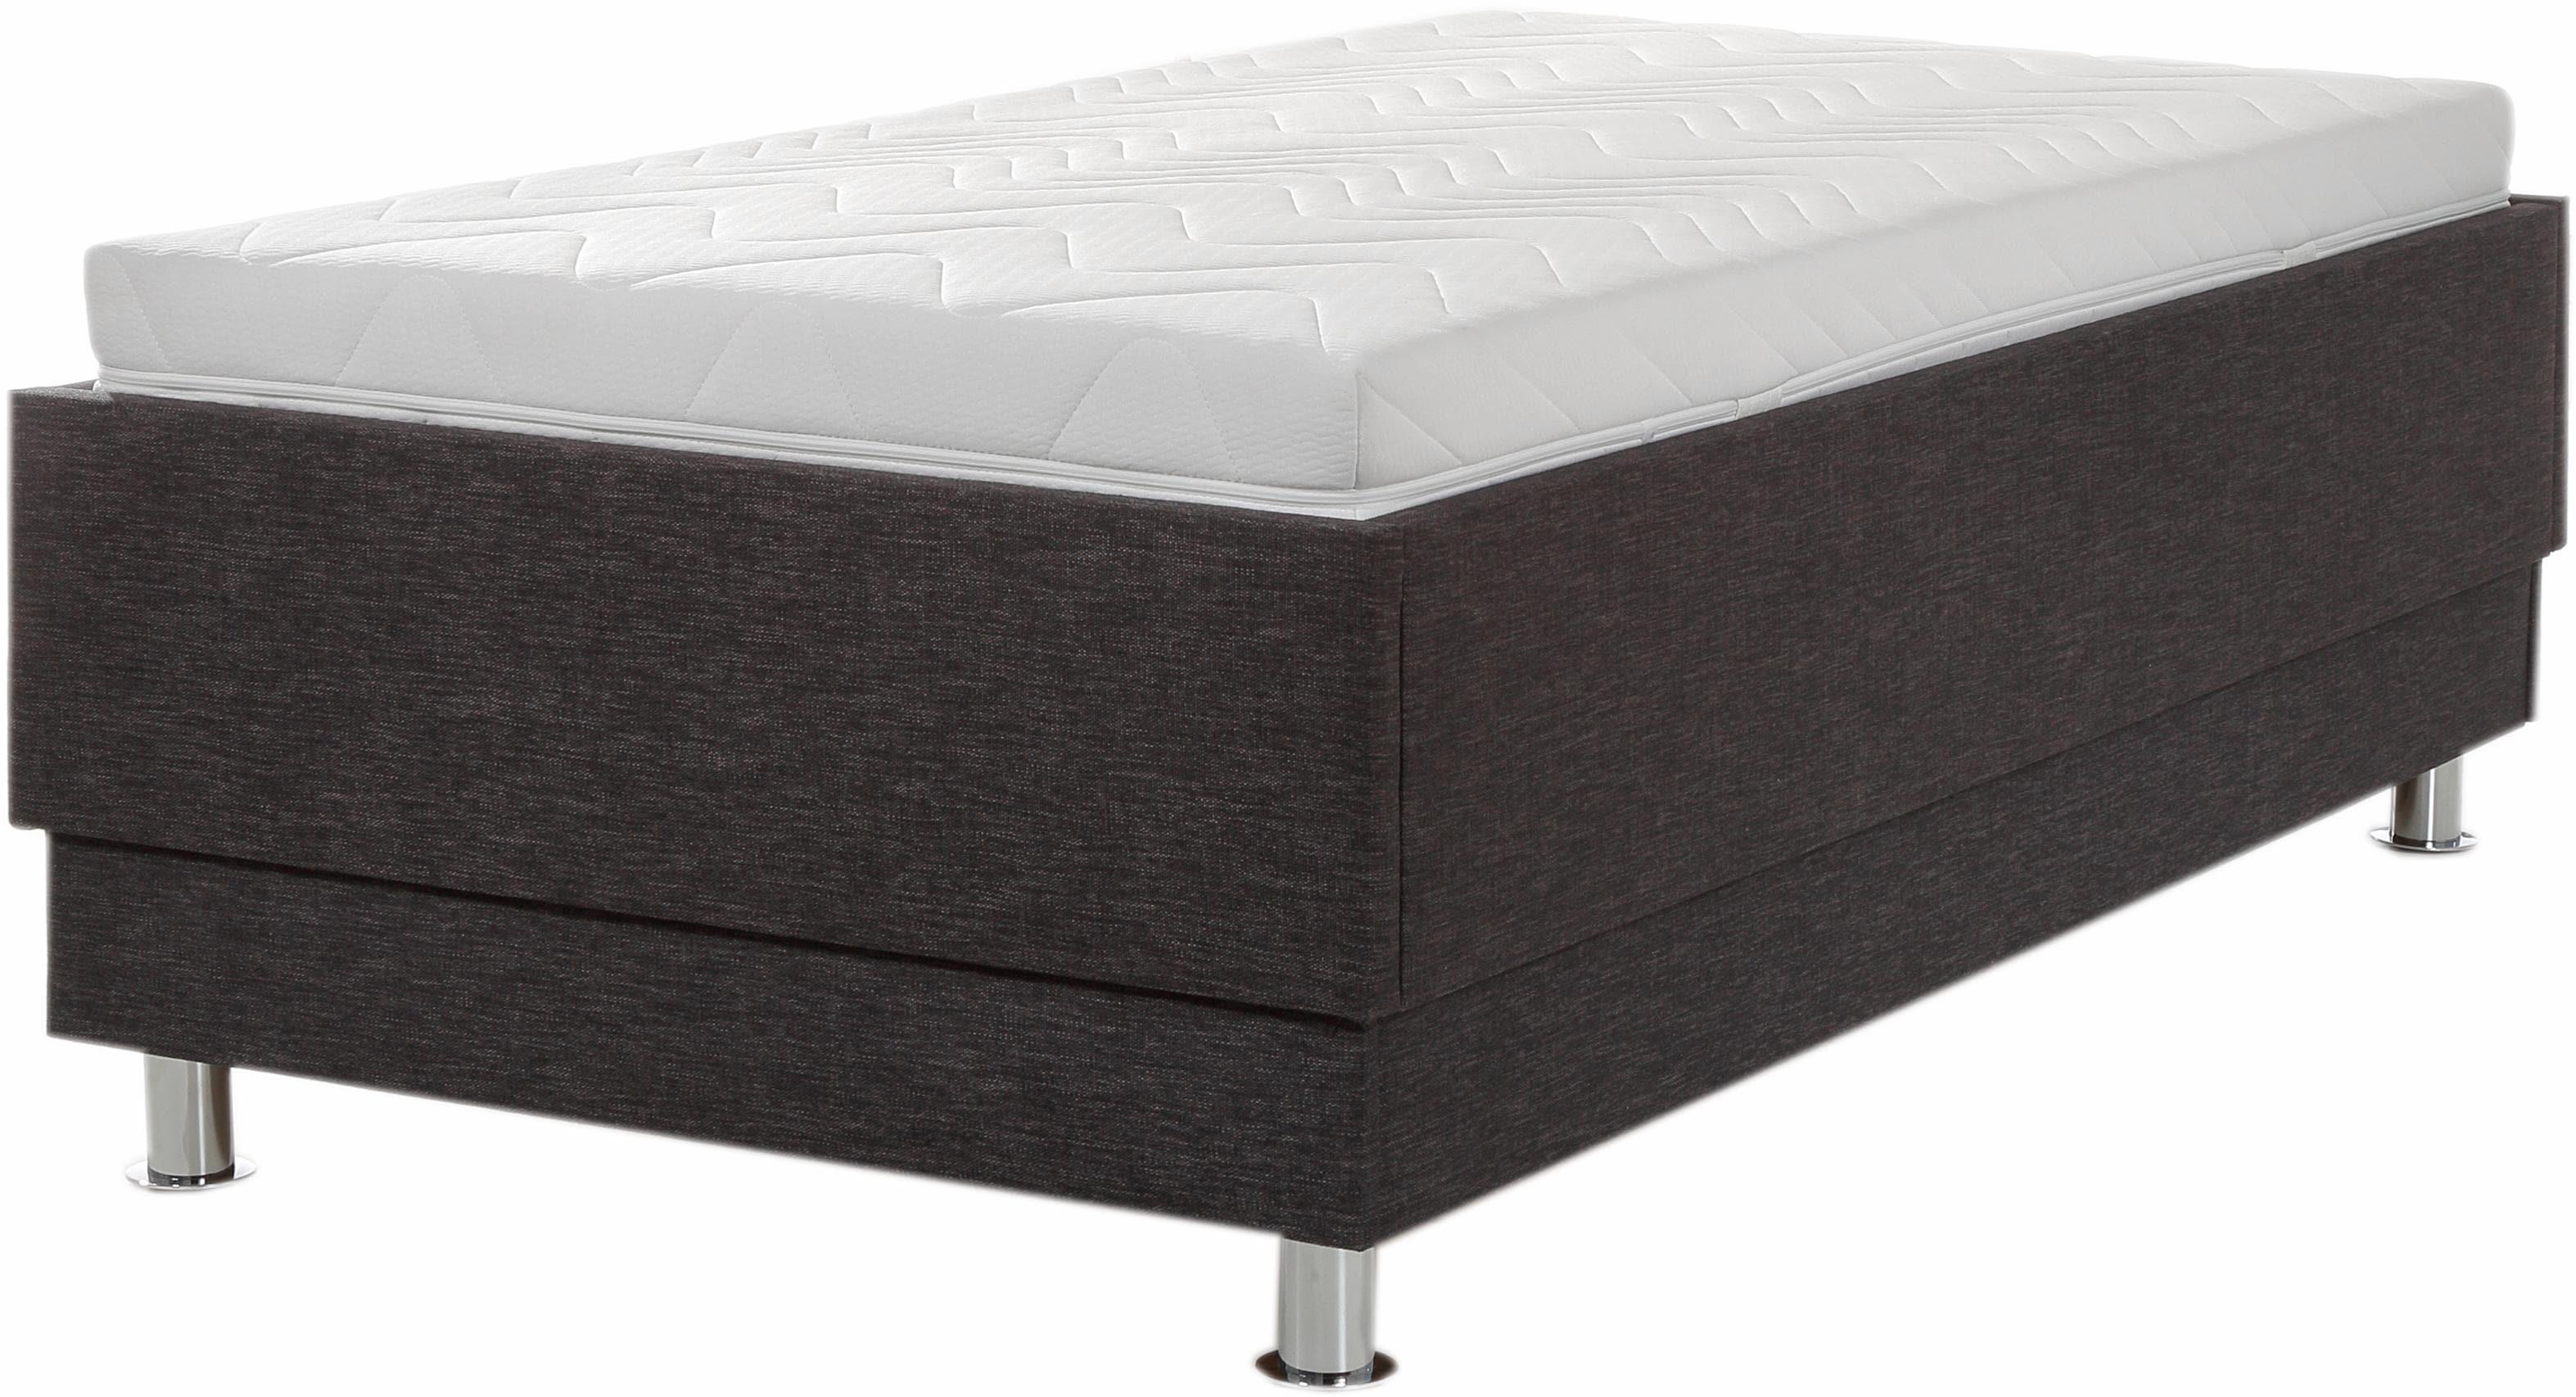 Breckle Polsterbett | Schlafzimmer > Betten > Polsterbetten | Grau | Strukturstoff | Breckle